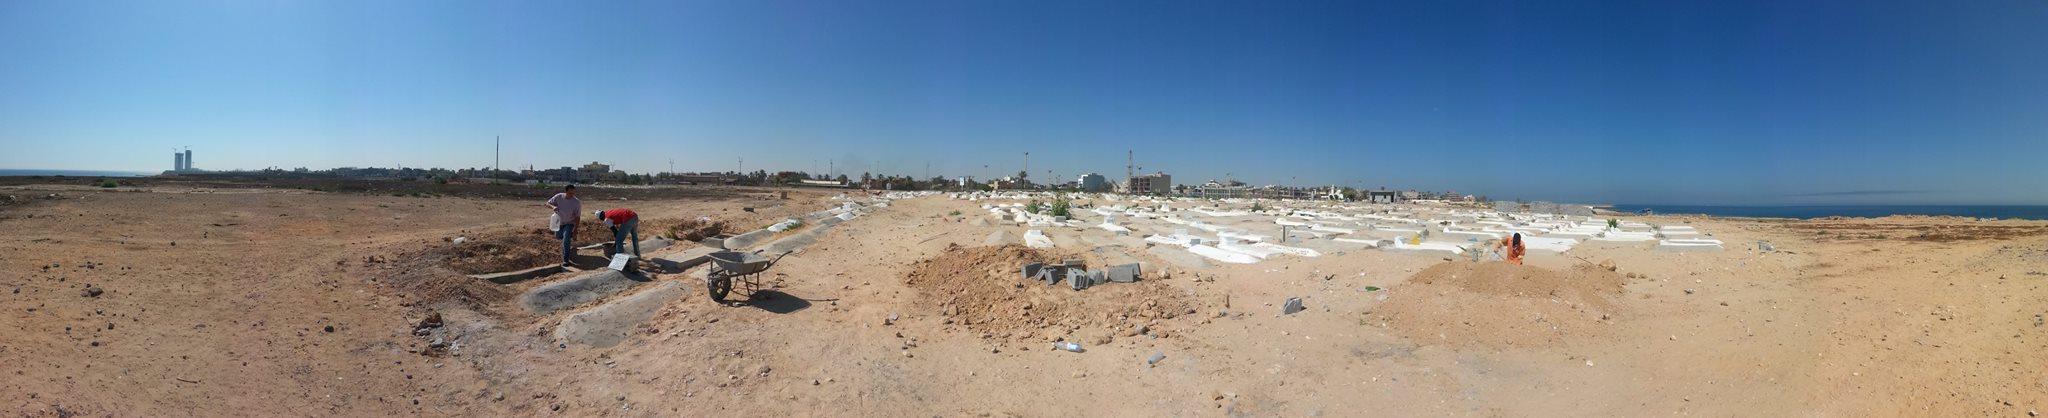 بانوراما لمقبرة الشط بشط الهنشير في طرابلس